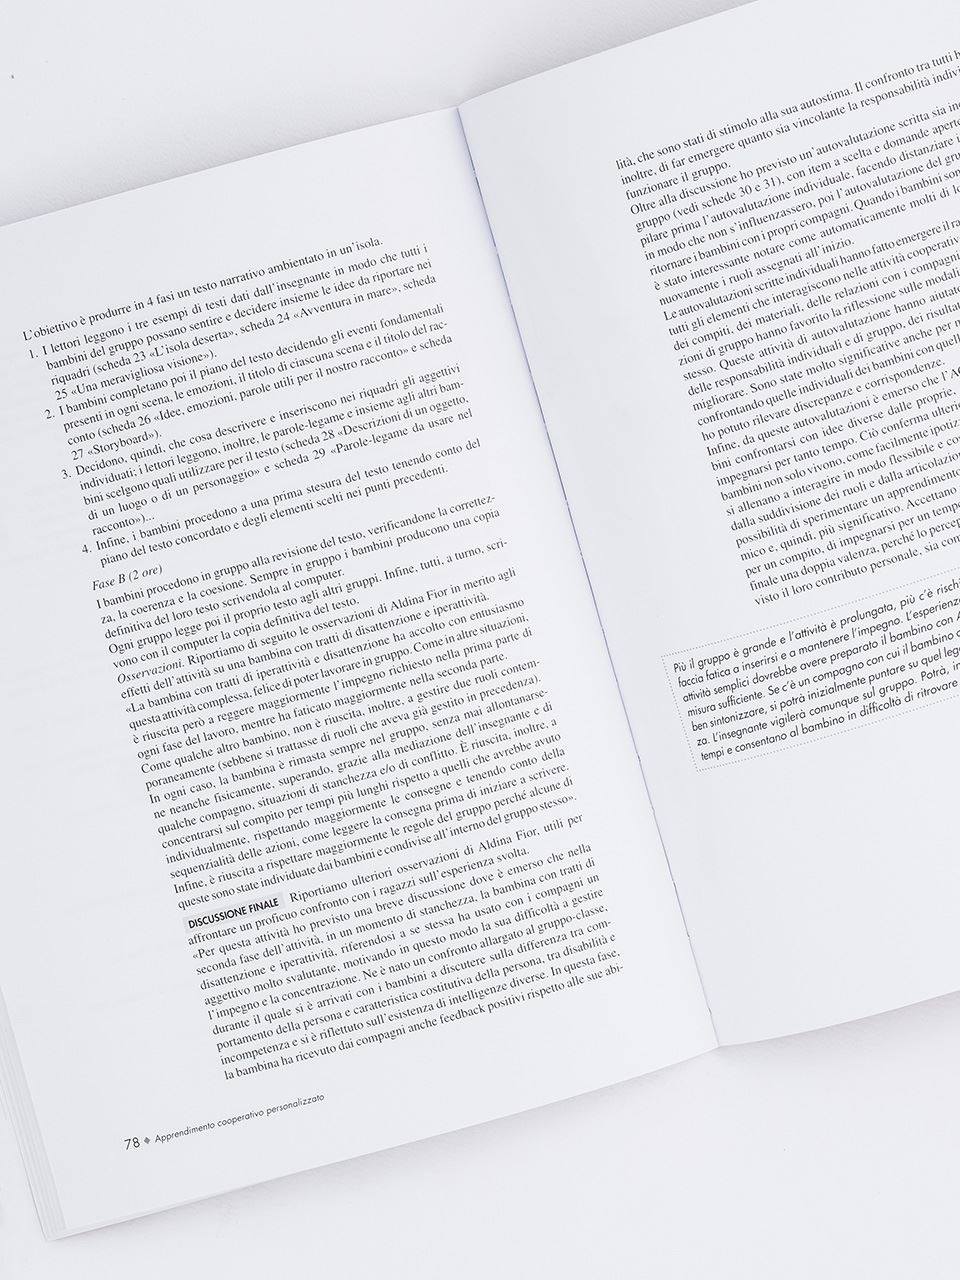 Apprendimento cooperativo personalizzato - Libri - Erickson 2